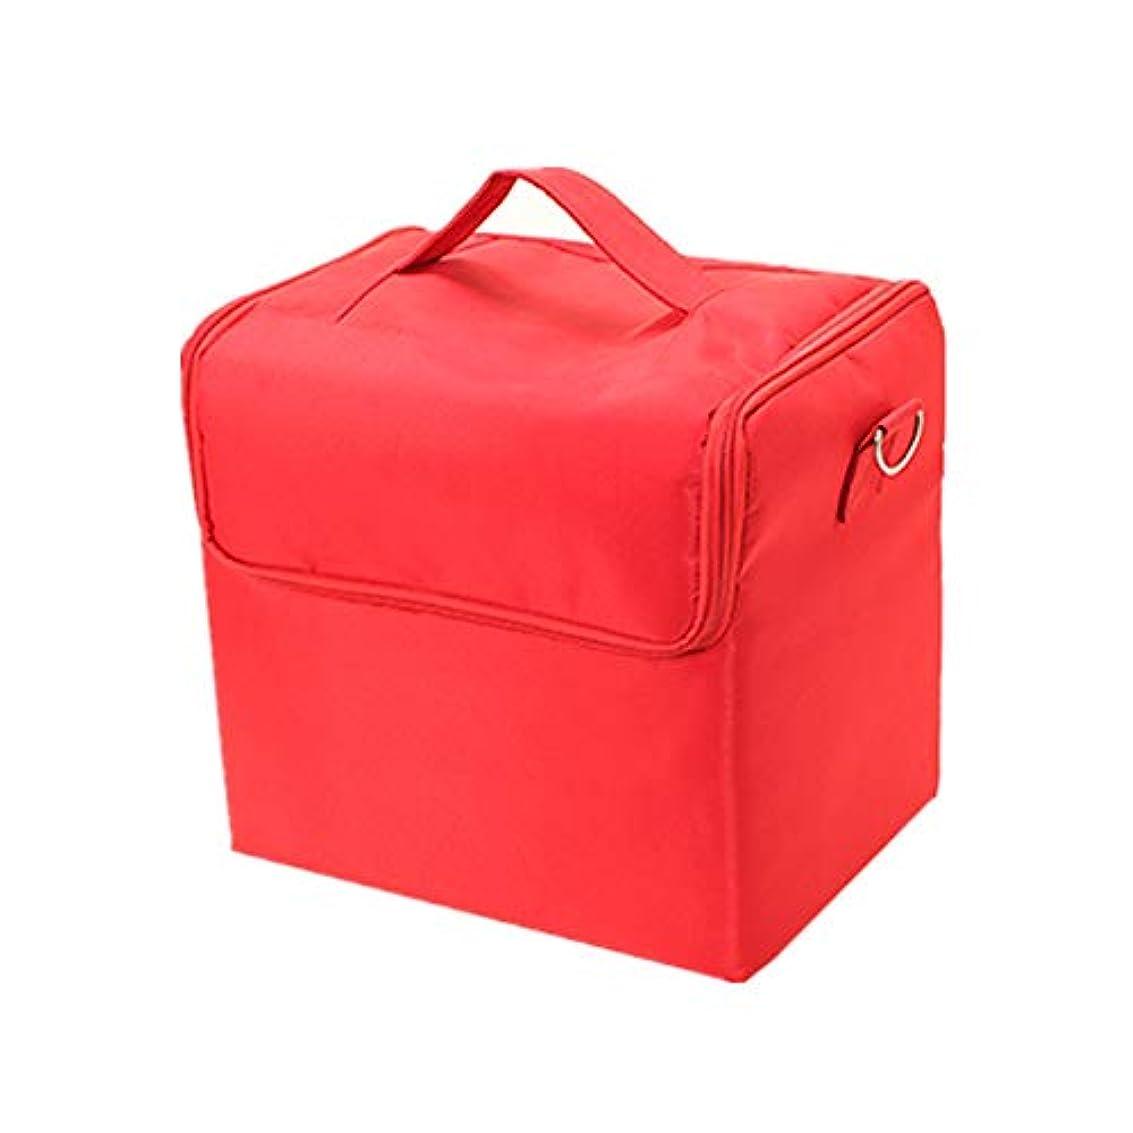 ヒットポータブル政治家化粧オーガナイザーバッグ 純粋な色のカジュアルポータ??ブル化粧品バッグ美容メイクアップとトラベルで旅行 化粧品ケース